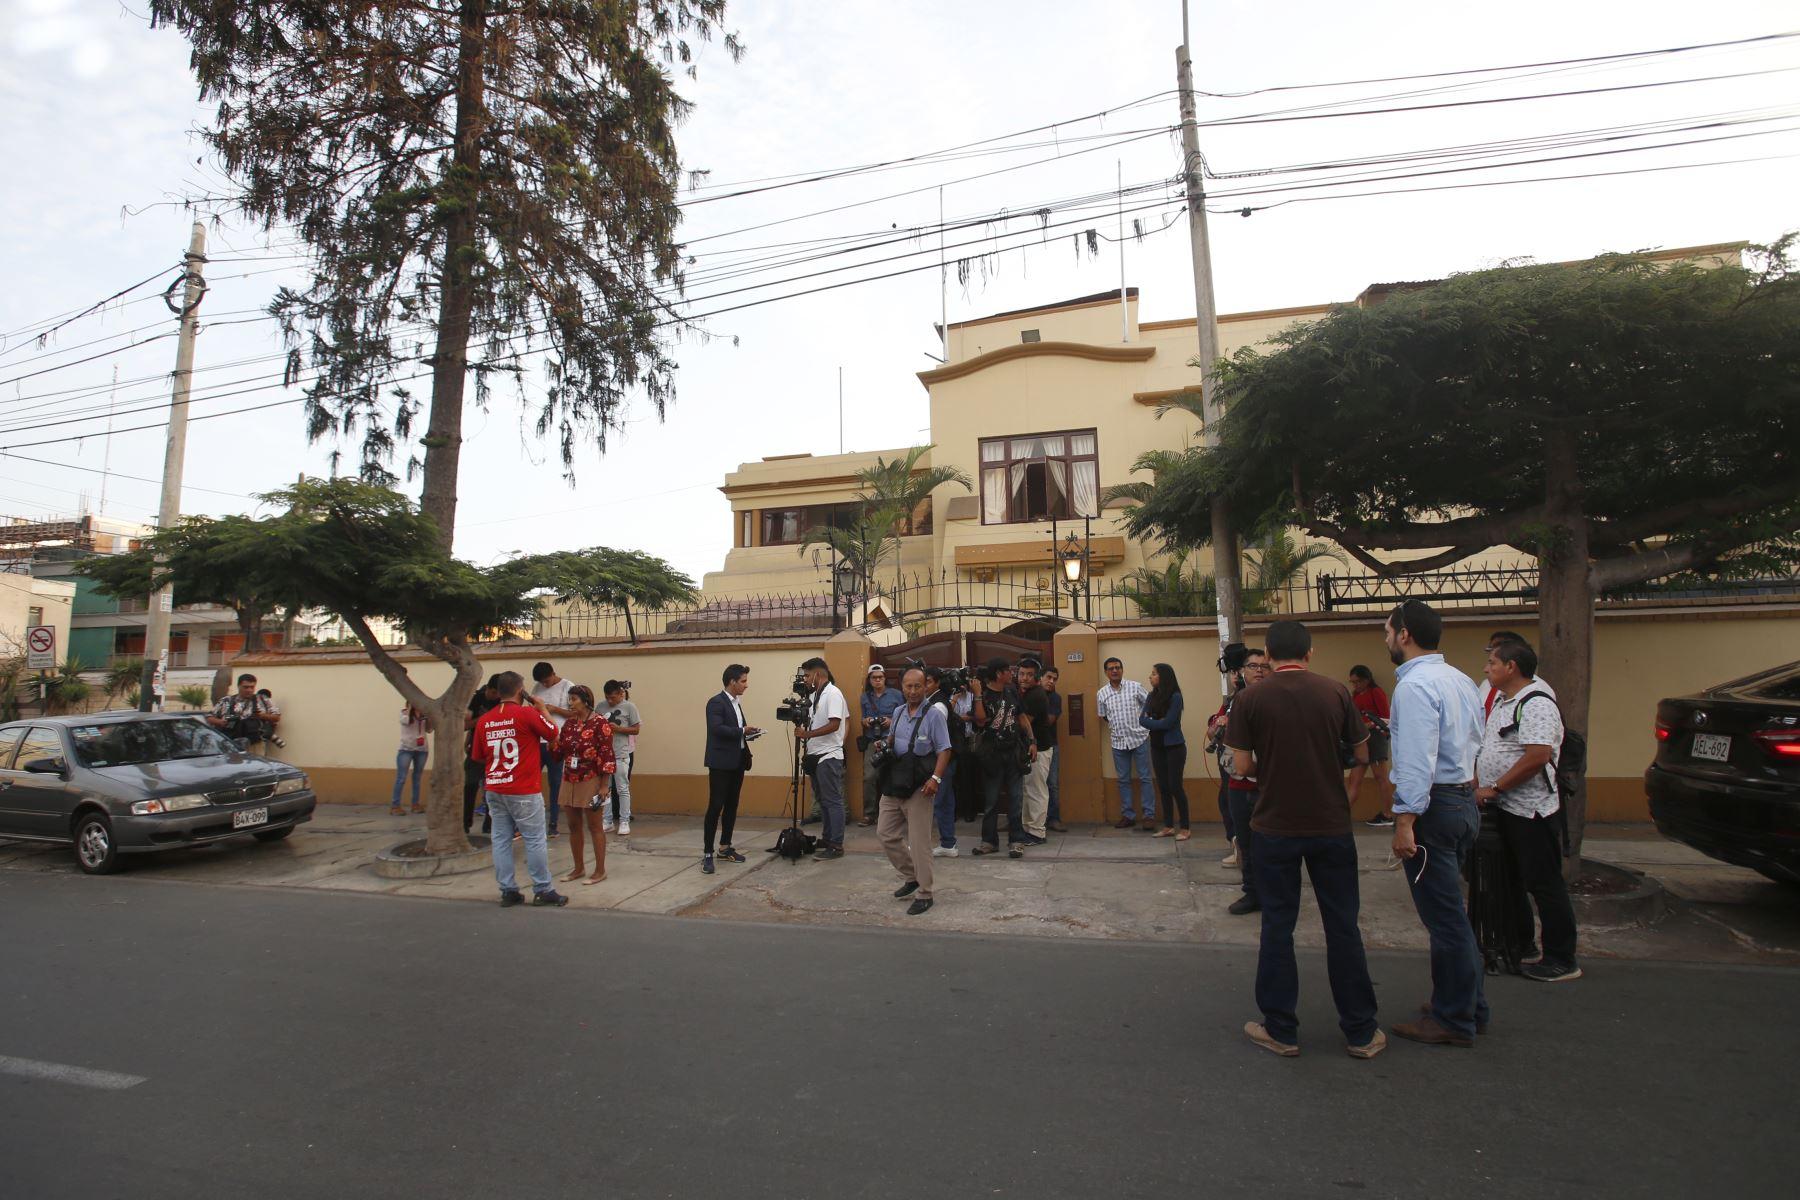 Mediante un comunicado, la Conferencia Episcopal Peruana expresó su pesar por la muerte del expresidente Alan García. Foto: ANDINA/Archivo/Nathalie Sayago